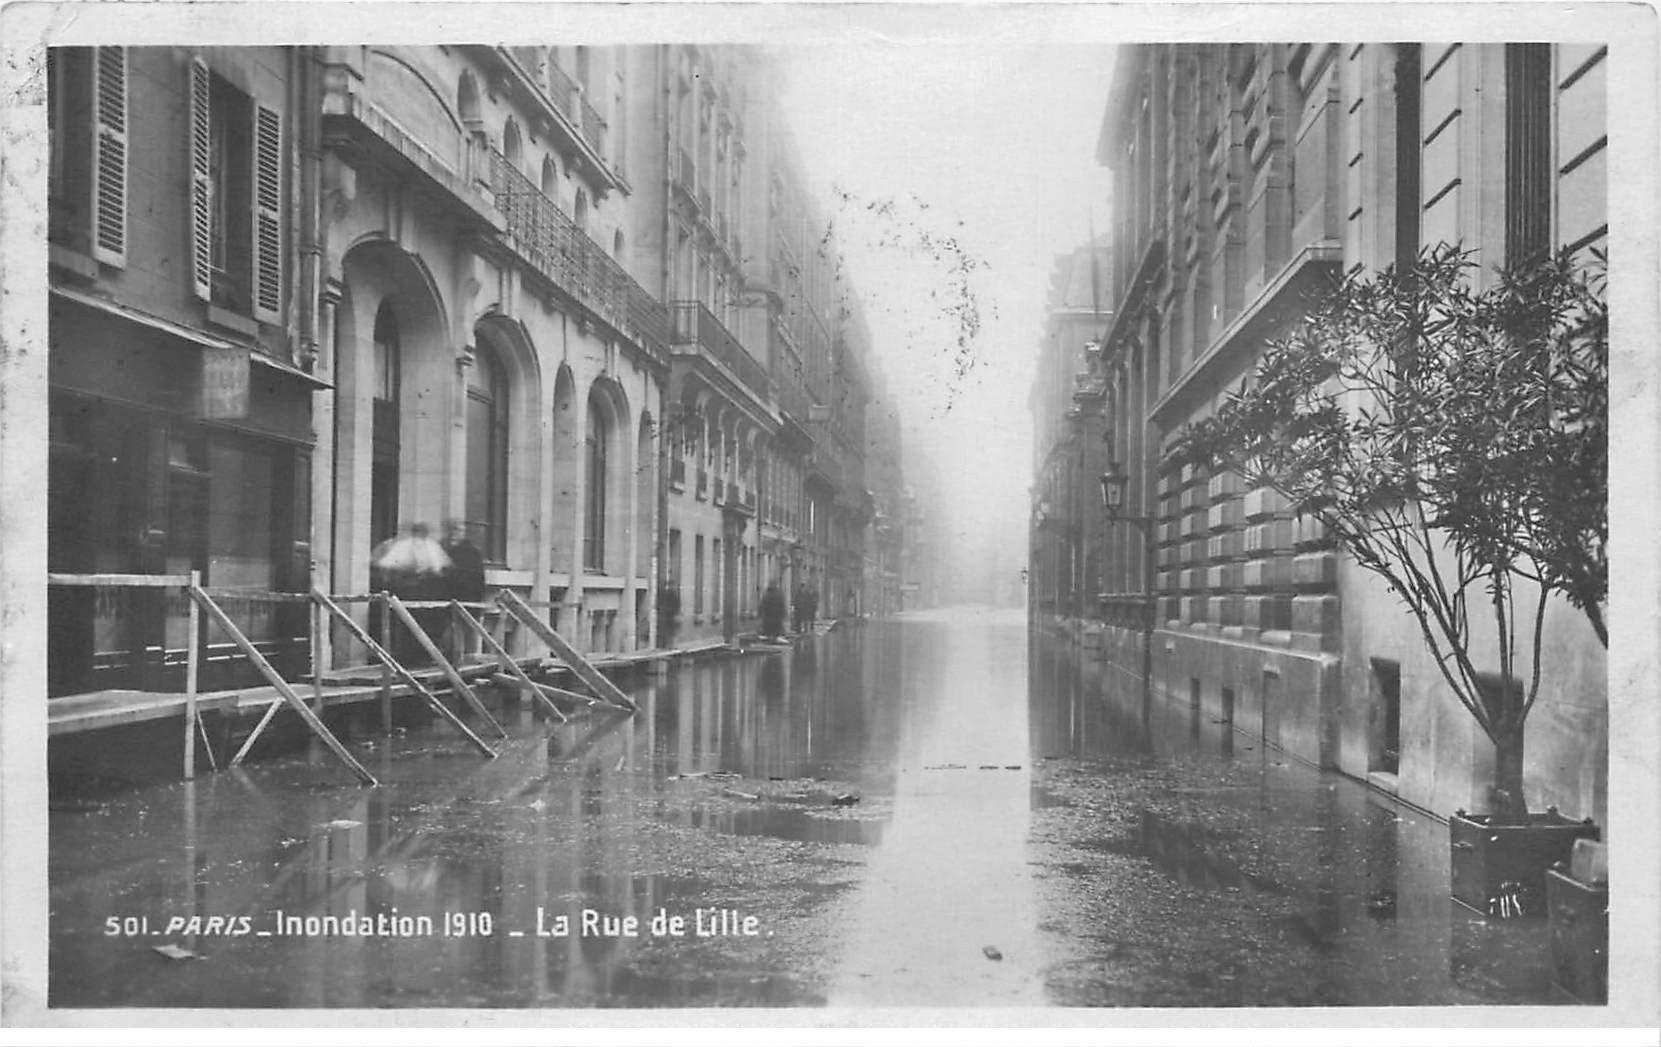 carte postale ancienne INONDATION ET CRUE PARIS 1910. Rue de Lille